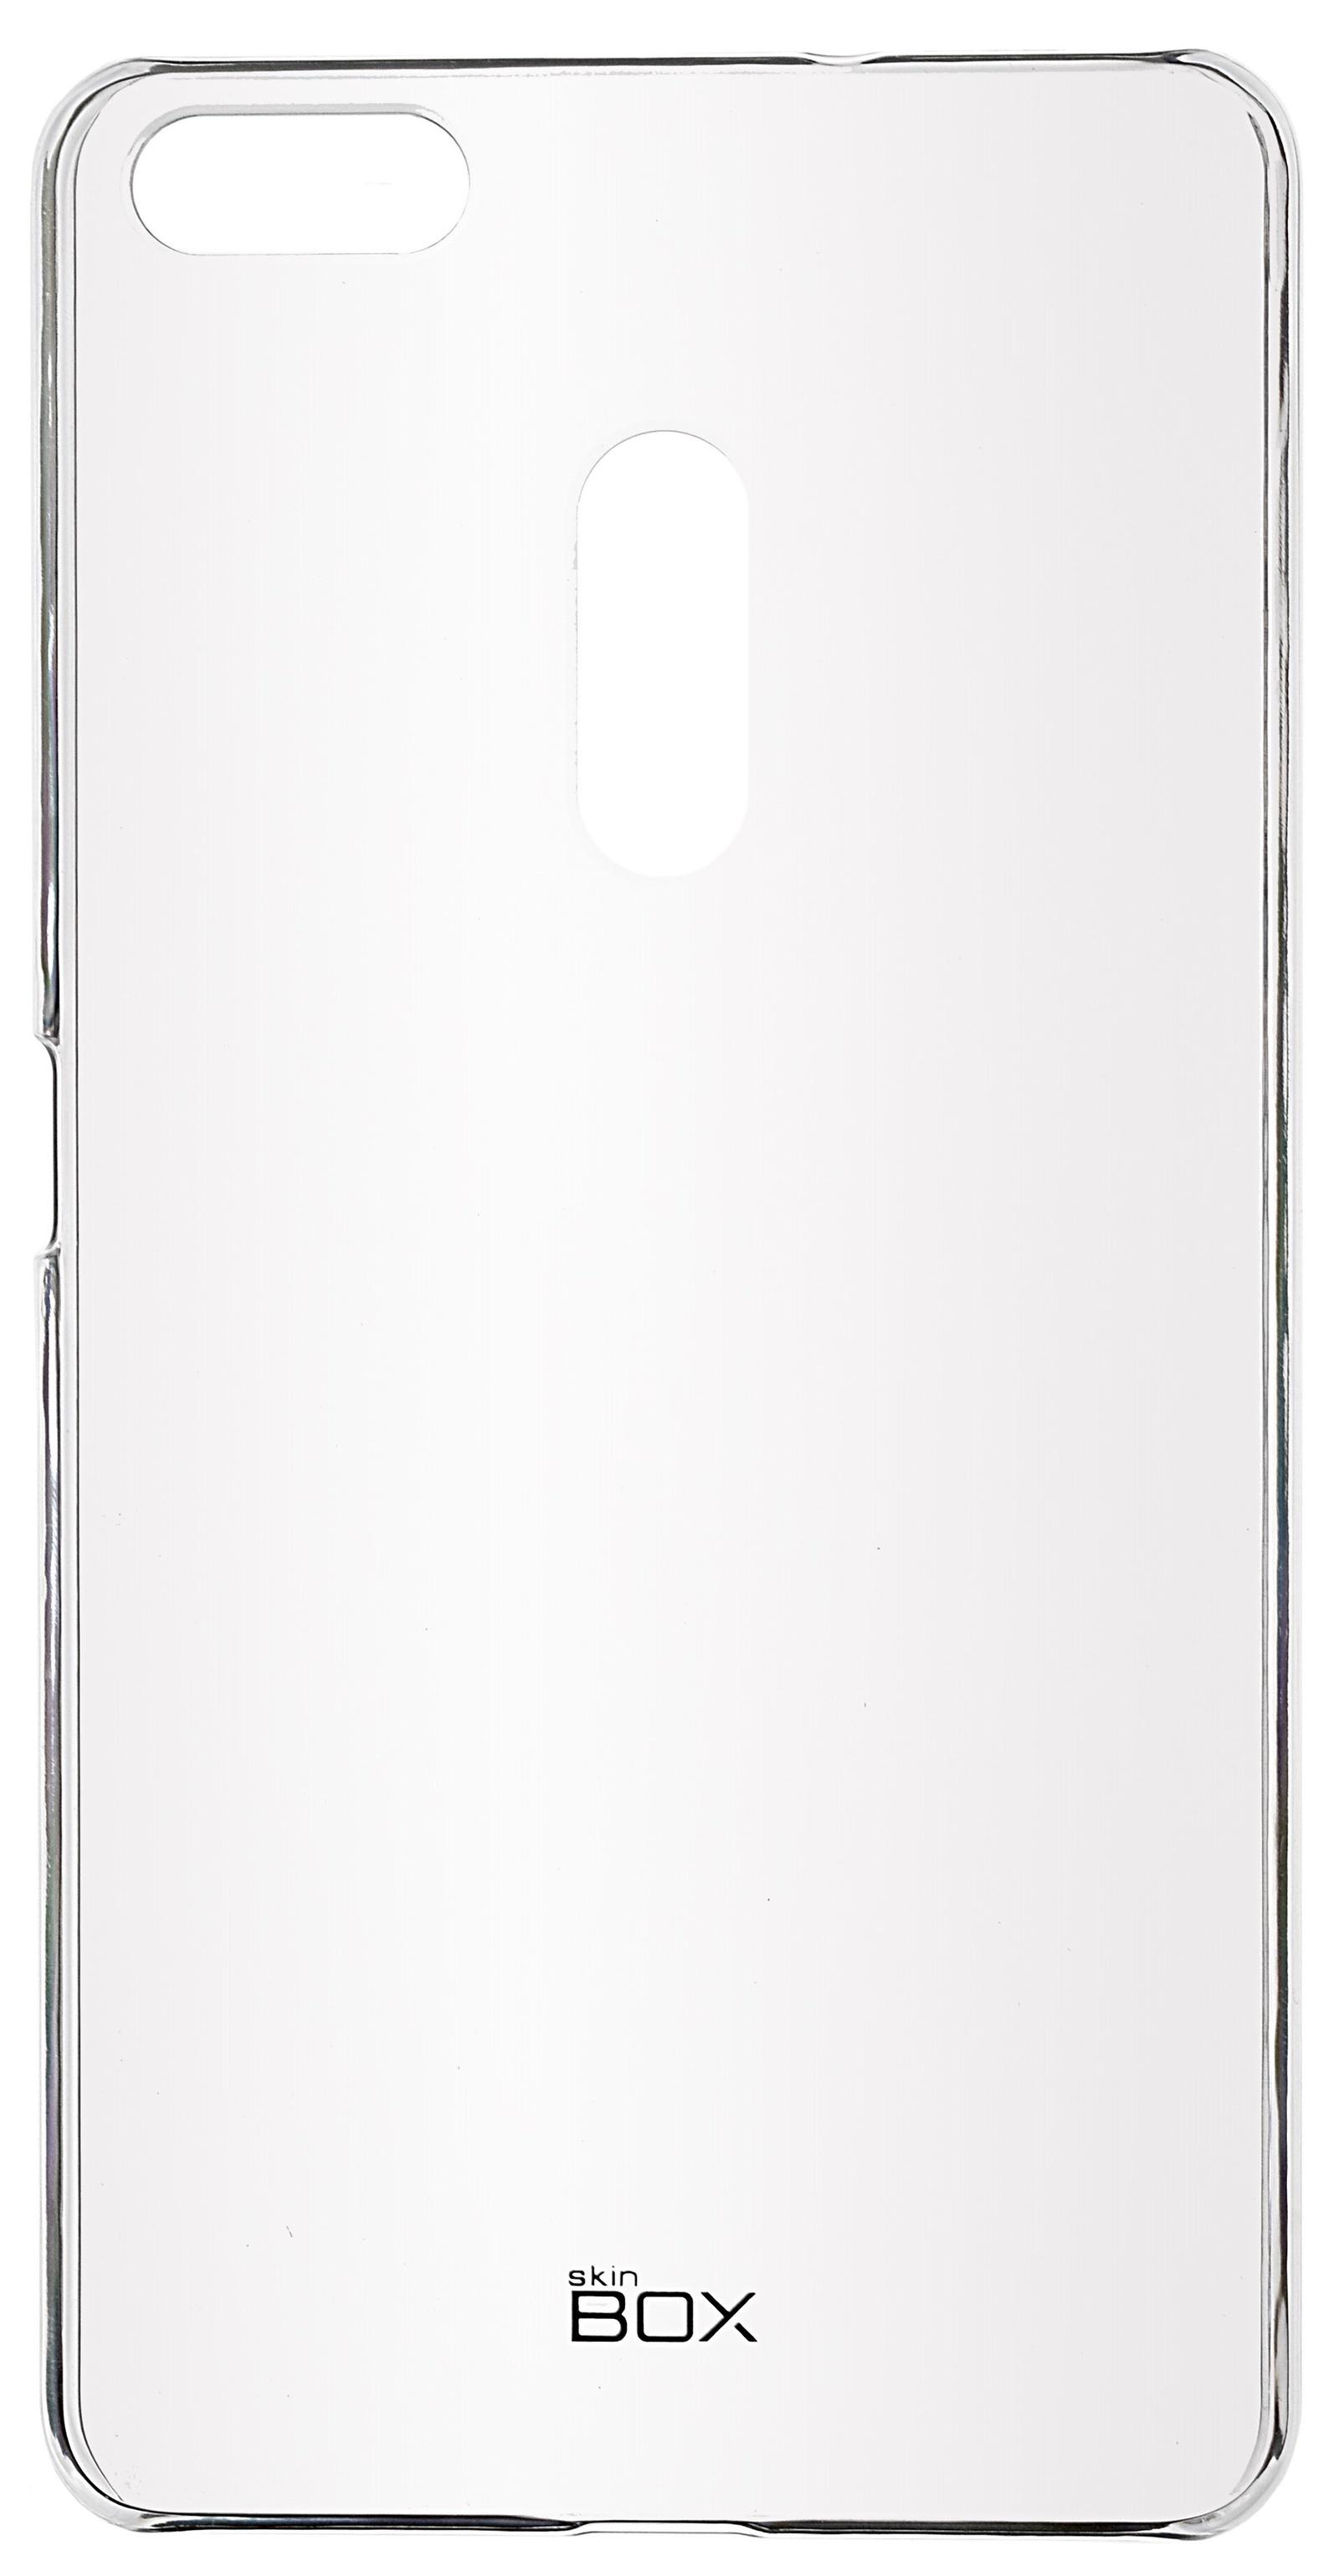 Чехол для сотового телефона skinBOX Crystal, 4630042528253, прозрачный чехол для сотового телефона skinbox crystal 4630042528109 прозрачный